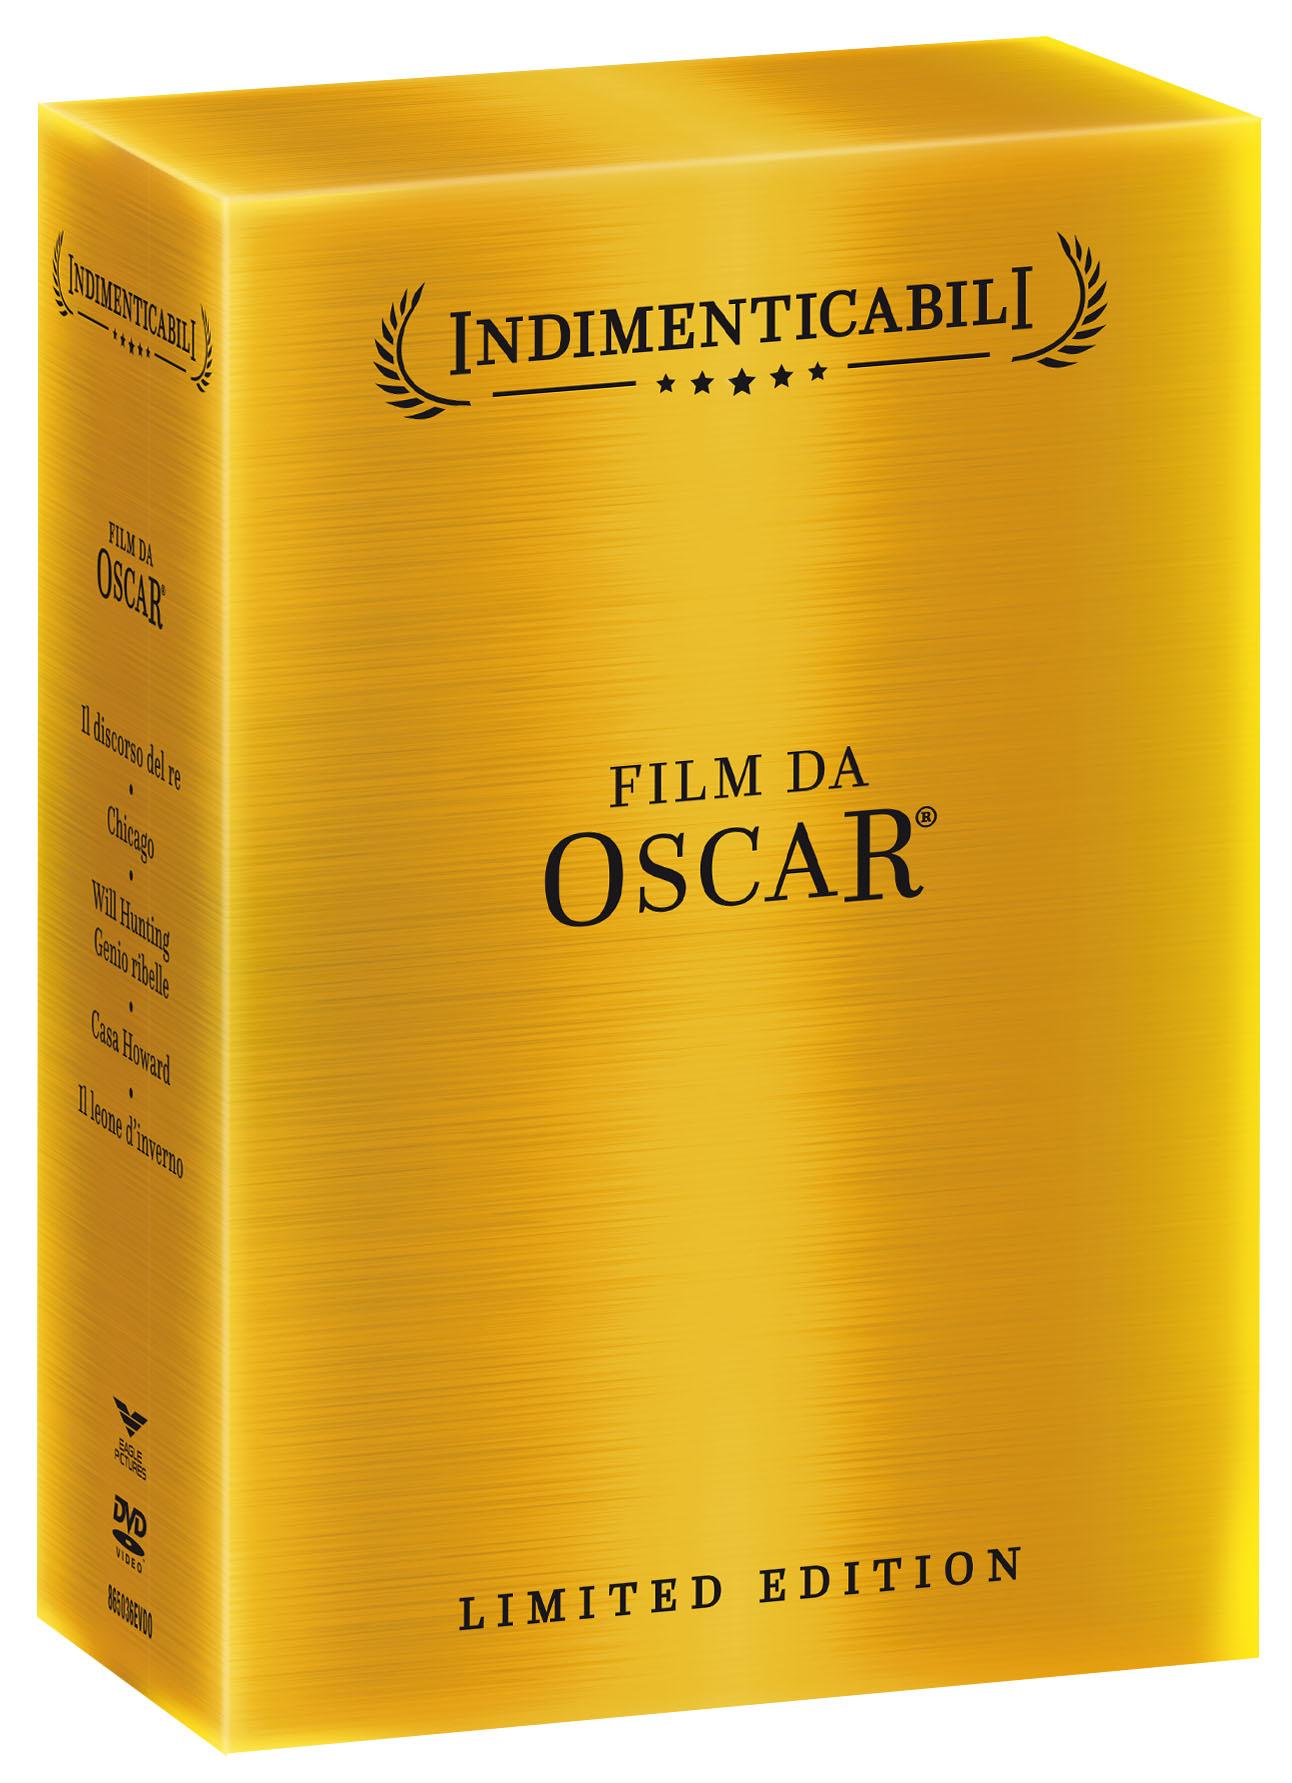 COF.FILM DA OSCAR - $ COFANETTO INDIMENTICABILI (5 DVD) (DVD)